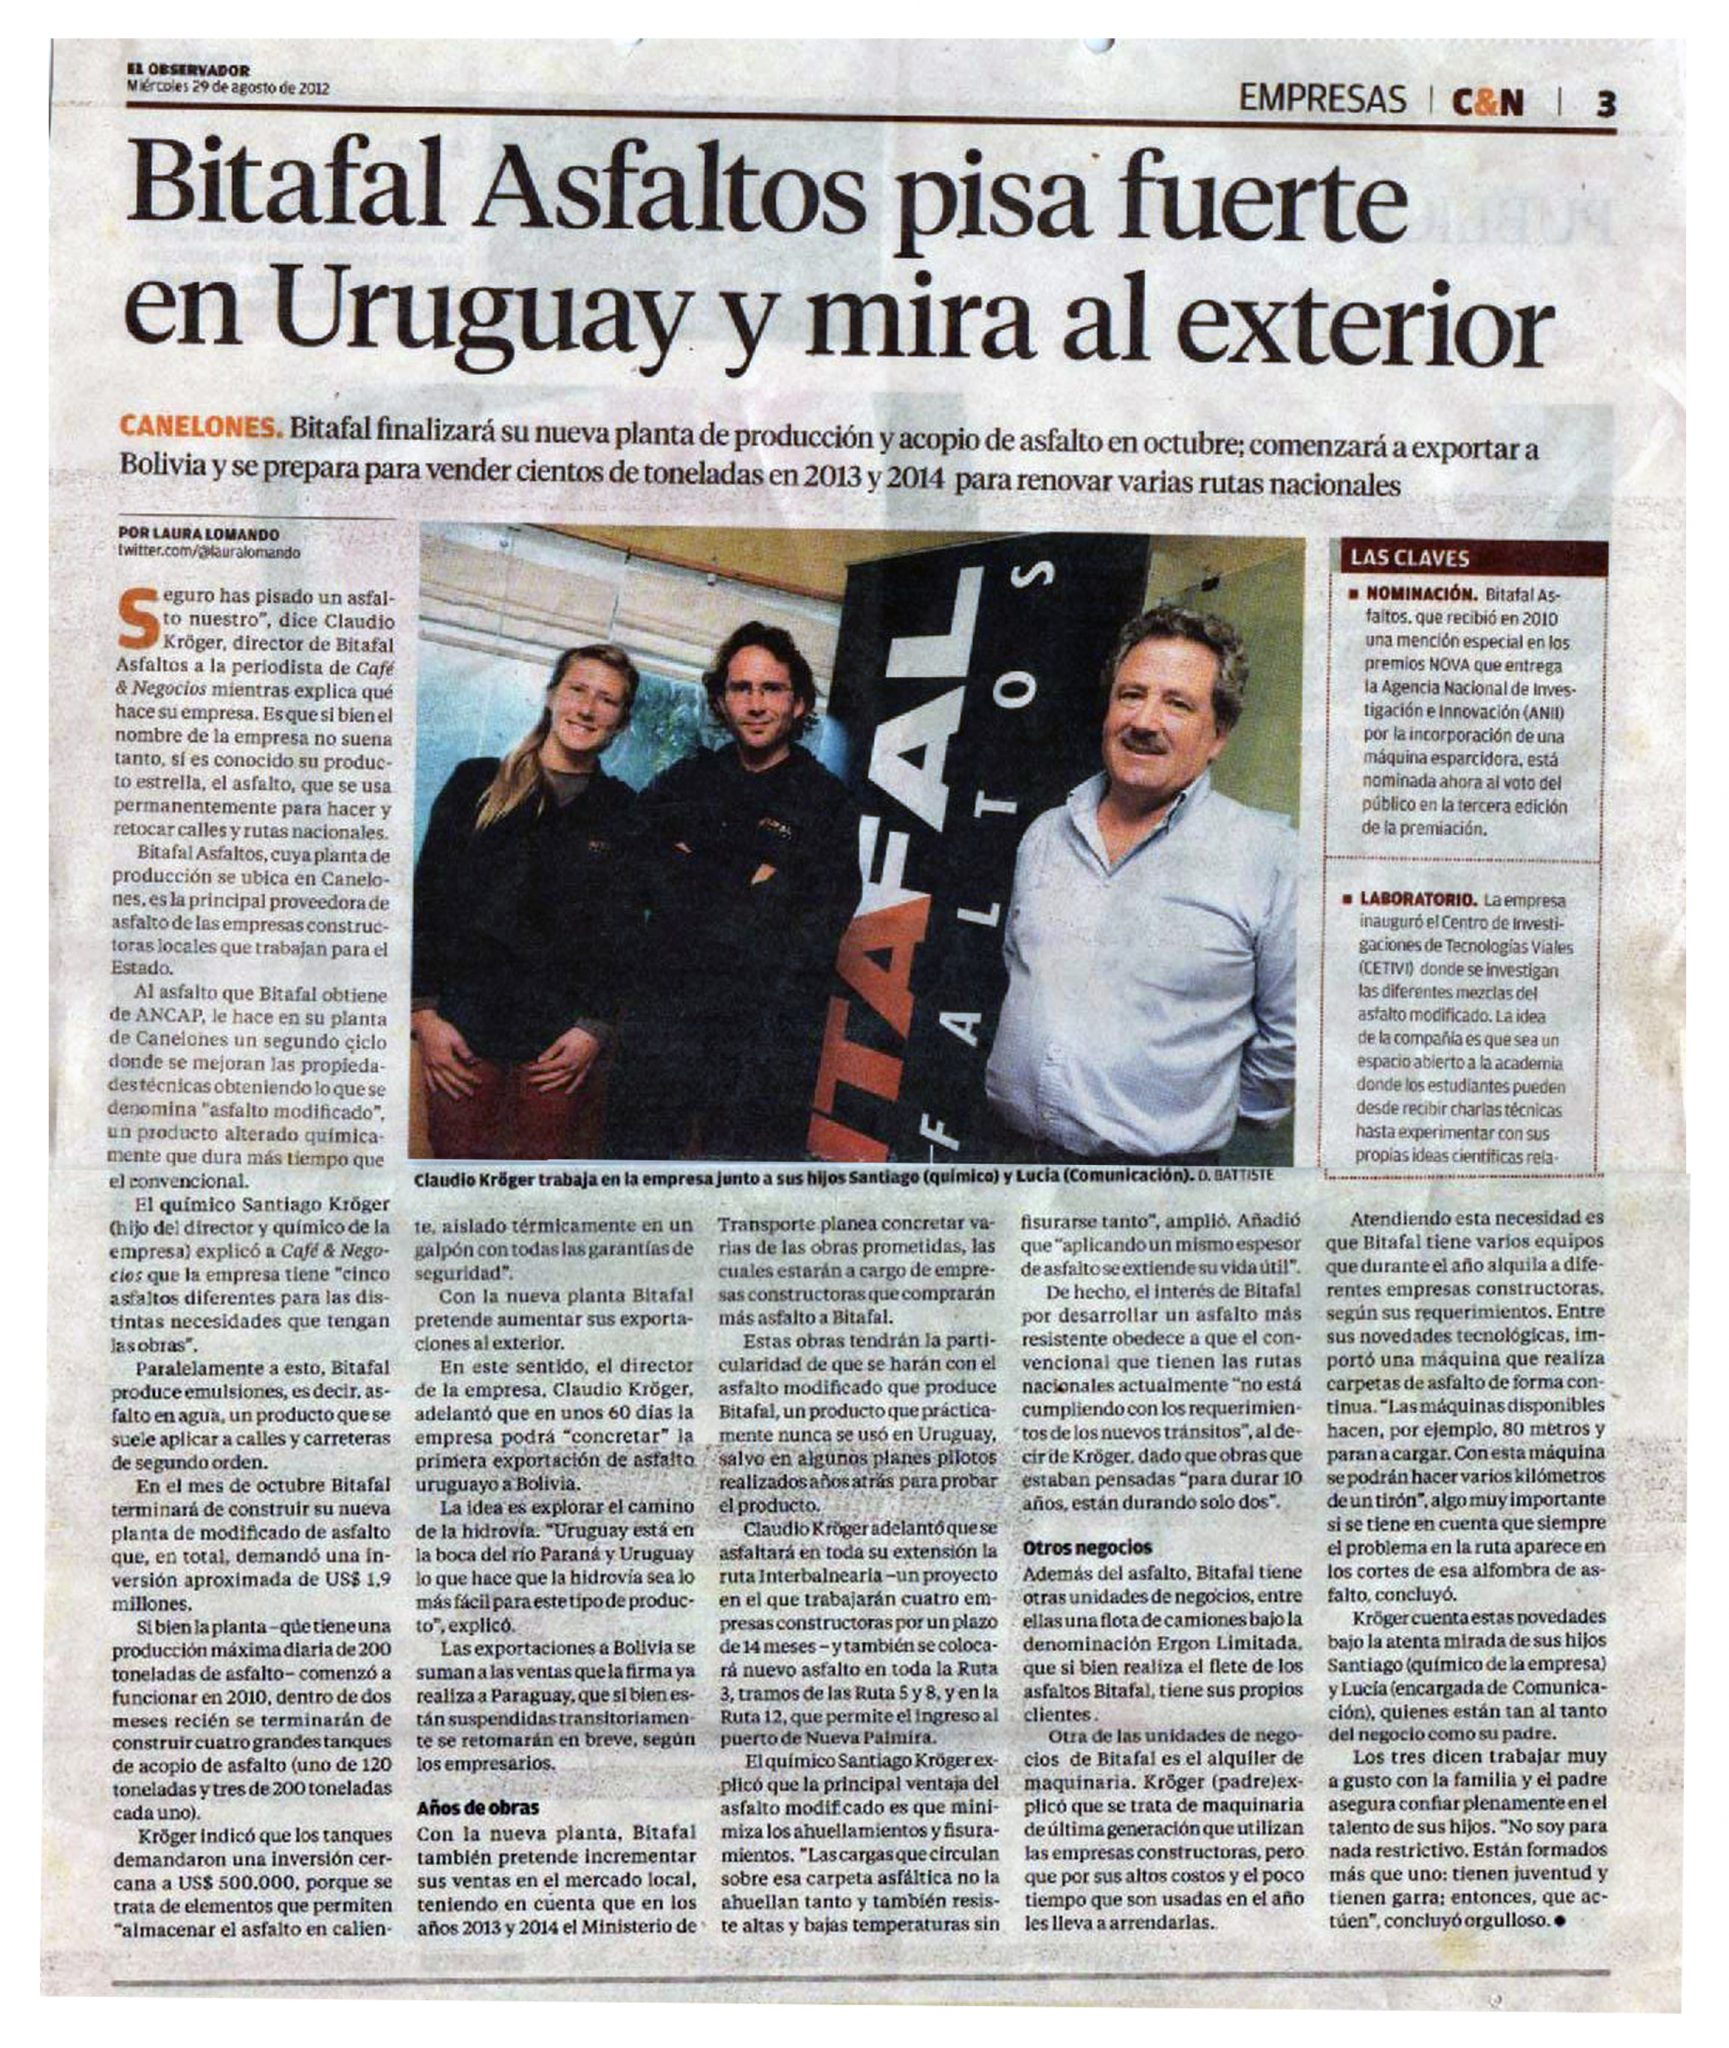 Bitafal Asfaltos pisa fuerte en Uruguay y mira al exterior